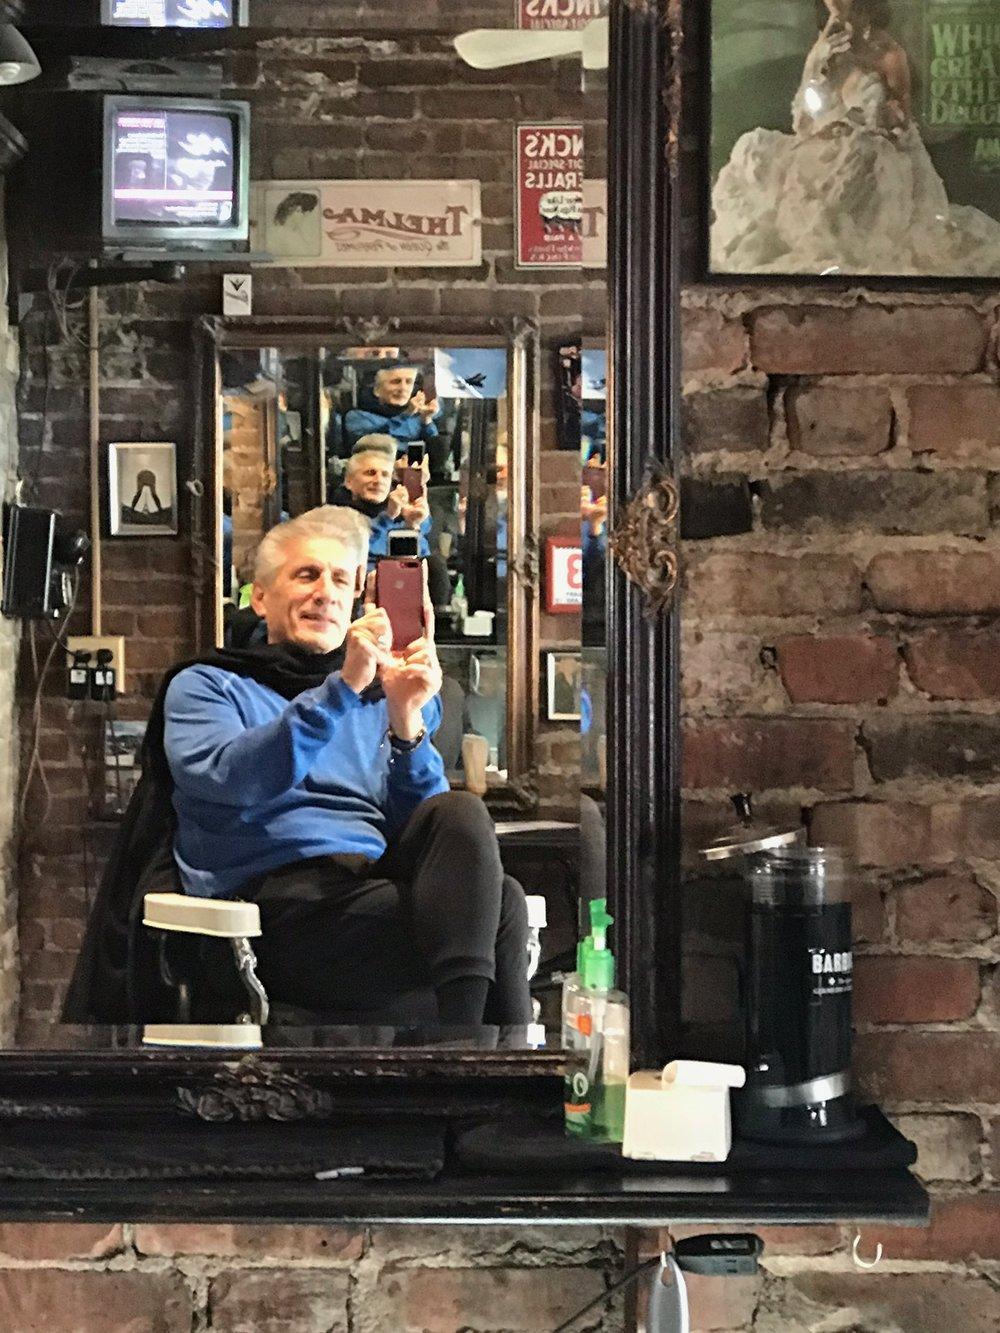 My selfie in barber chair IMG_3434.jpg*.jpg